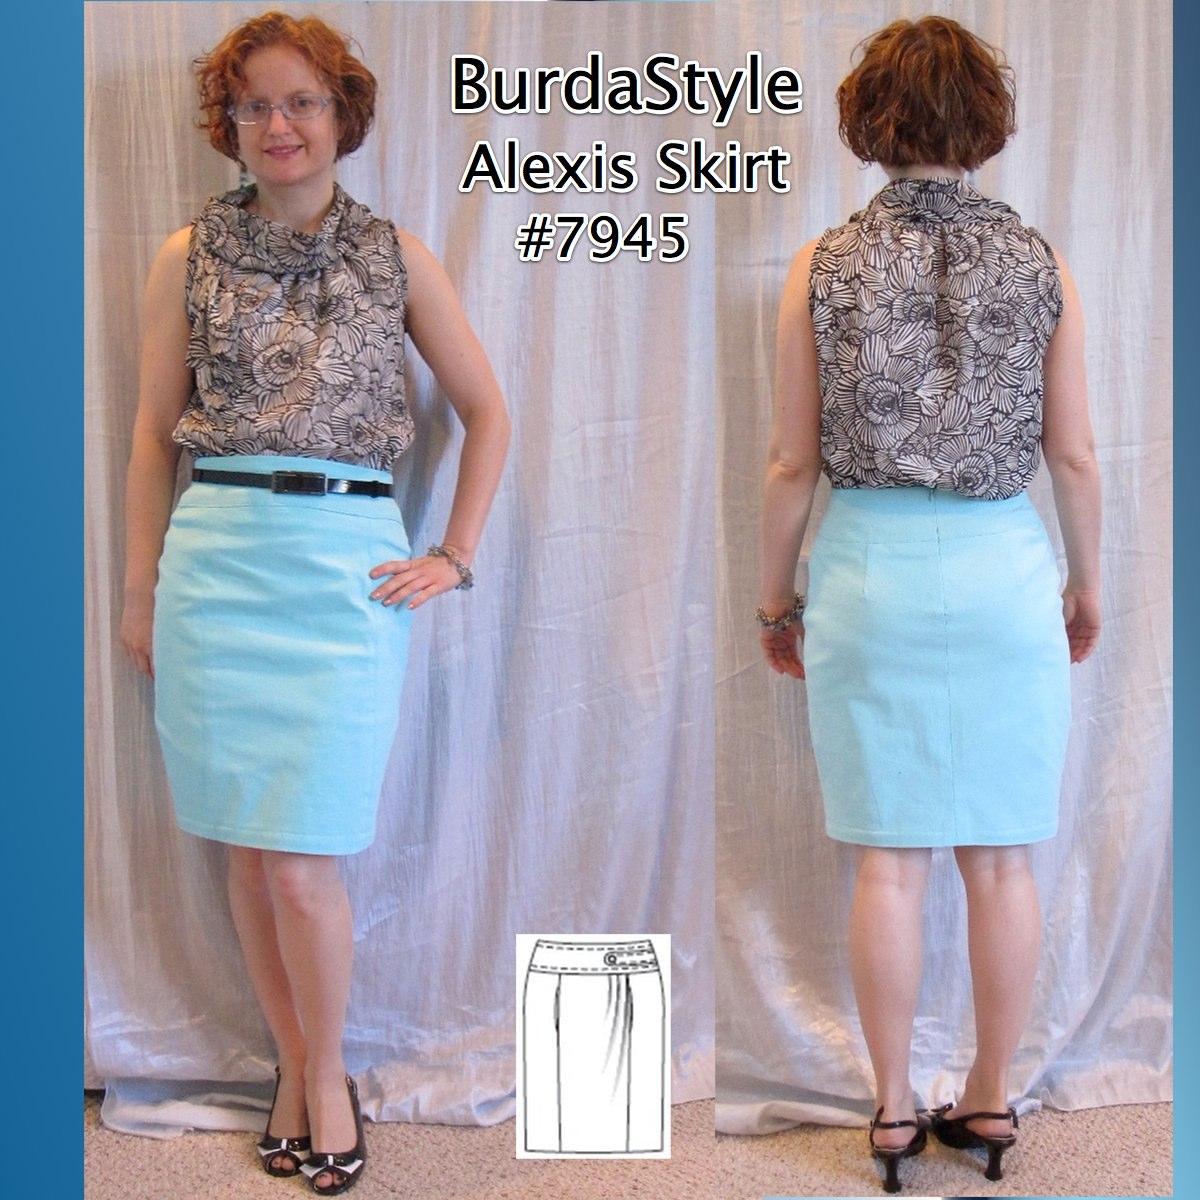 BurdaStyle Alexis Thumbnail